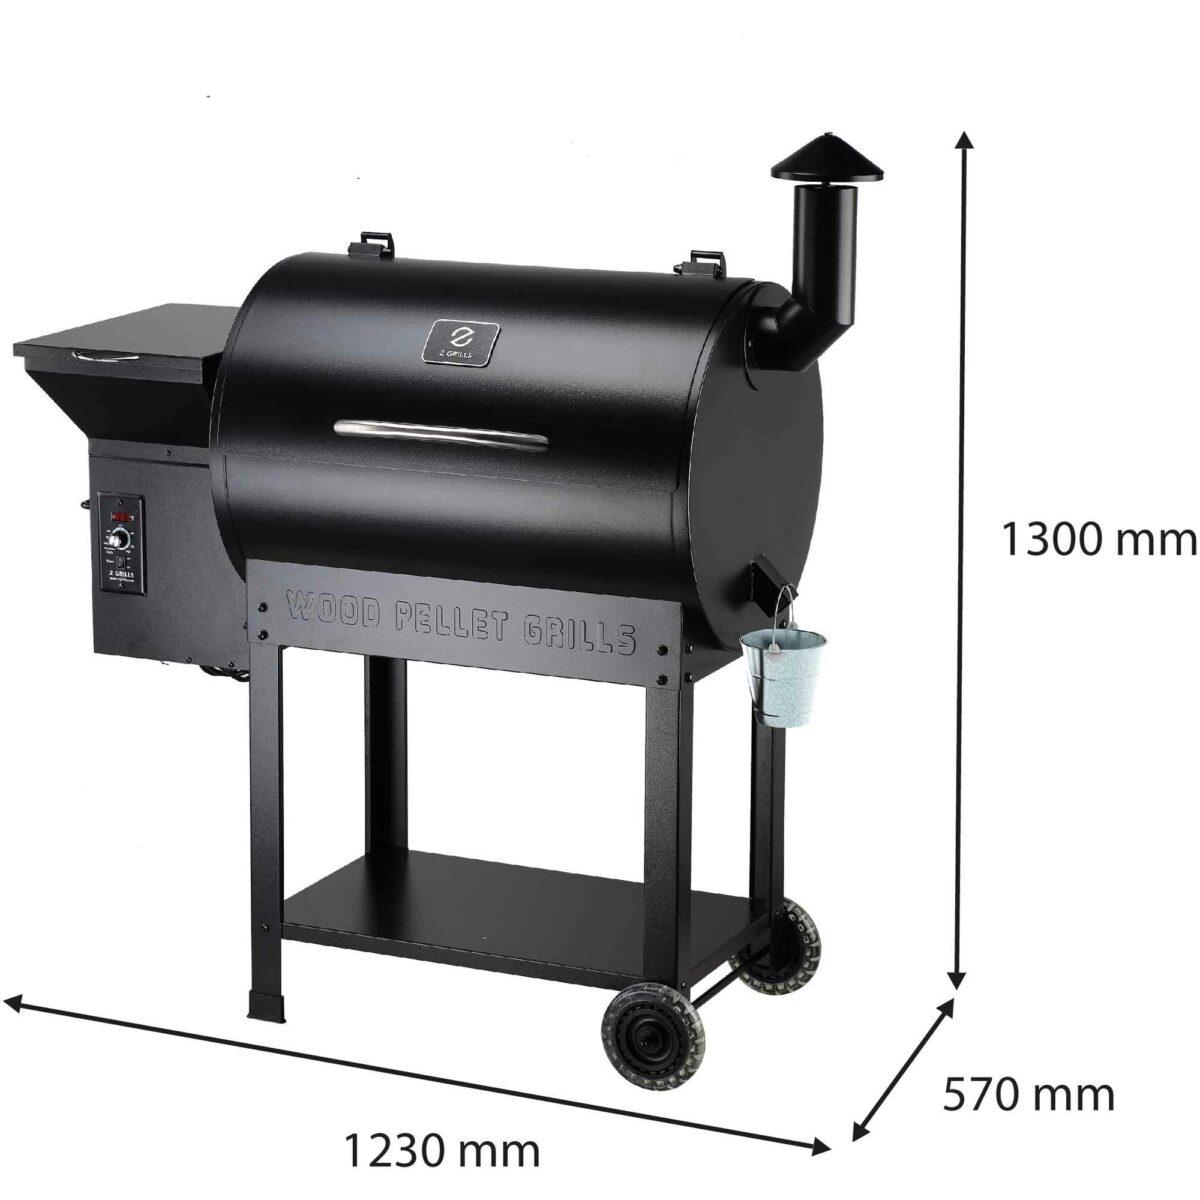 barbecue pellets zgrills 700